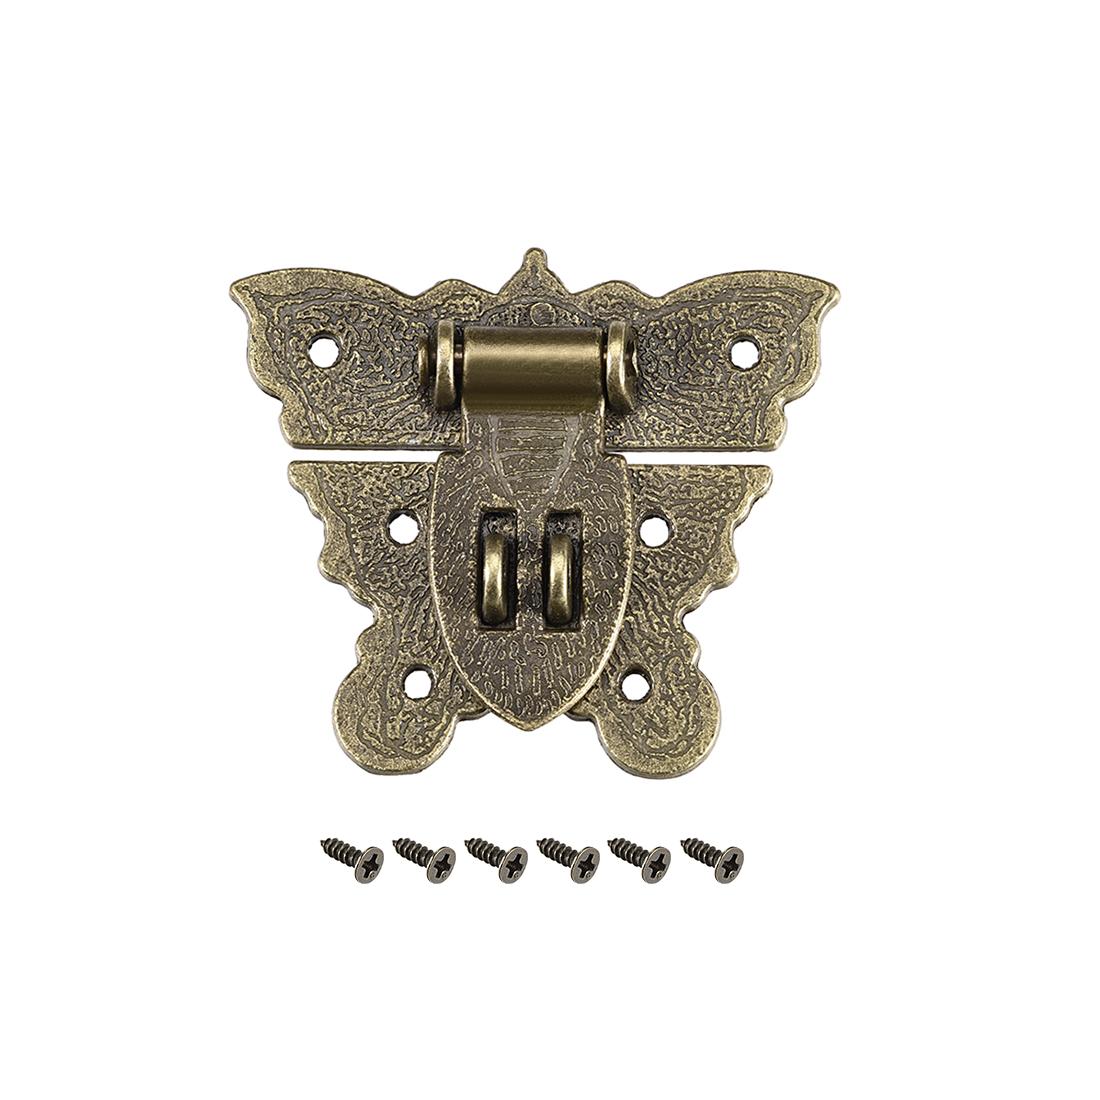 Wood Case Box Butterfly Hasp 59x52mm Zinc Alloy Antique Latches Bronze, 2 Pcs